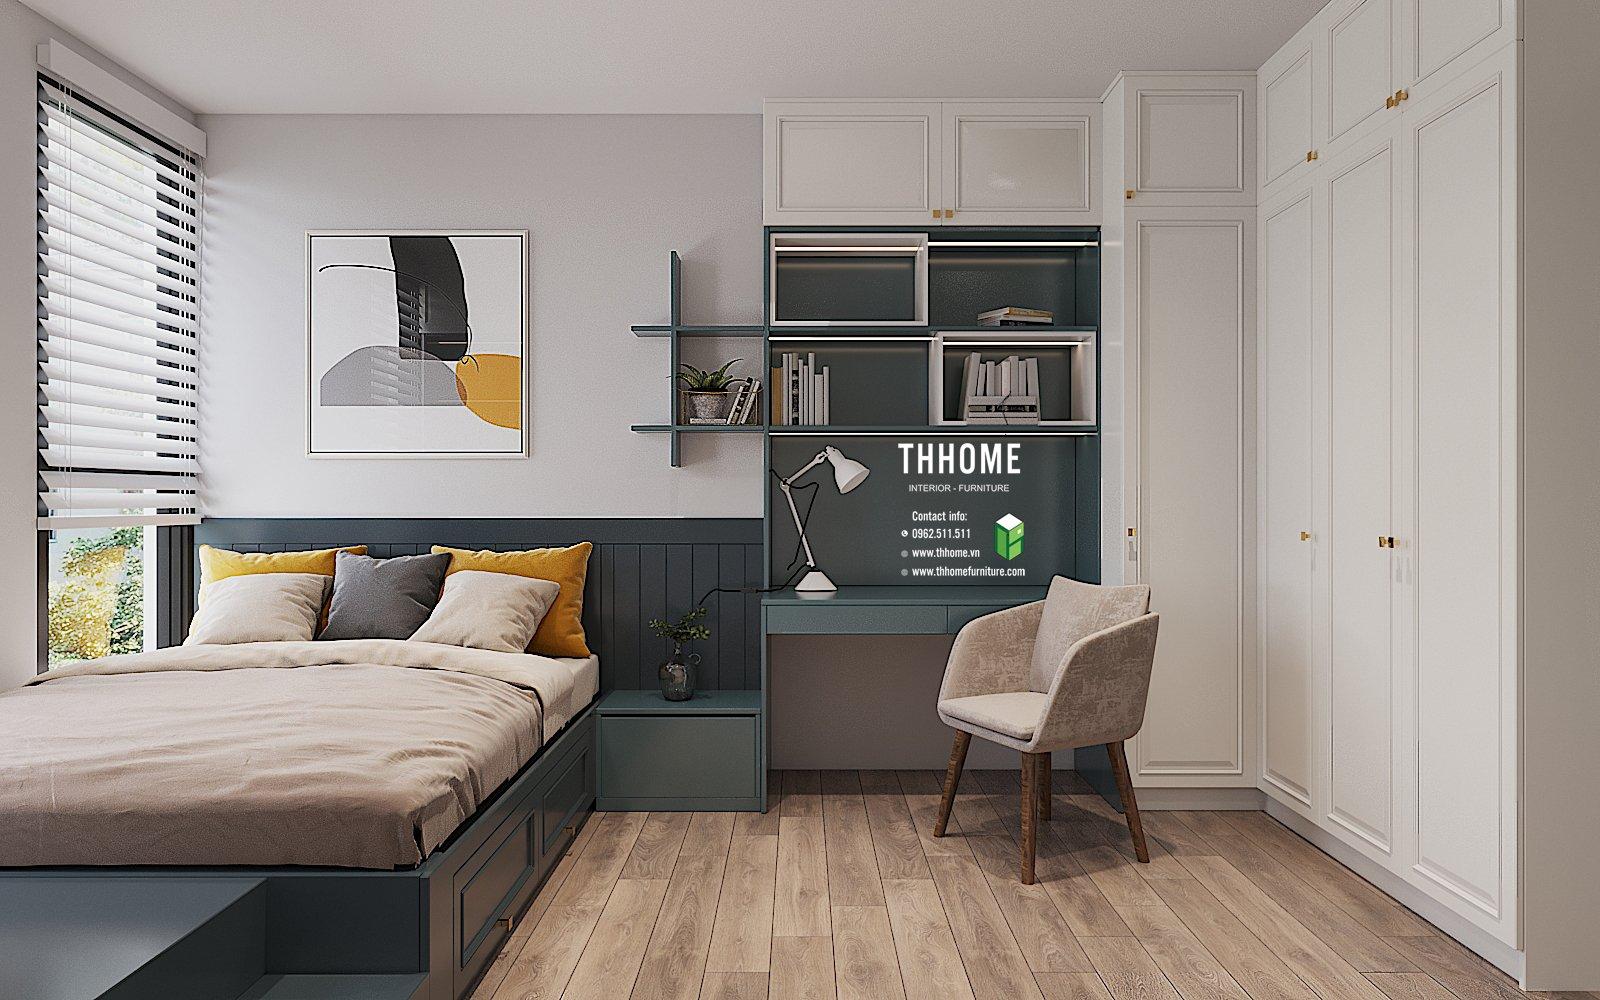 Phòng ngủ đẹp lạ dành cho các thành viên nhỏ tuổi trong gia đình